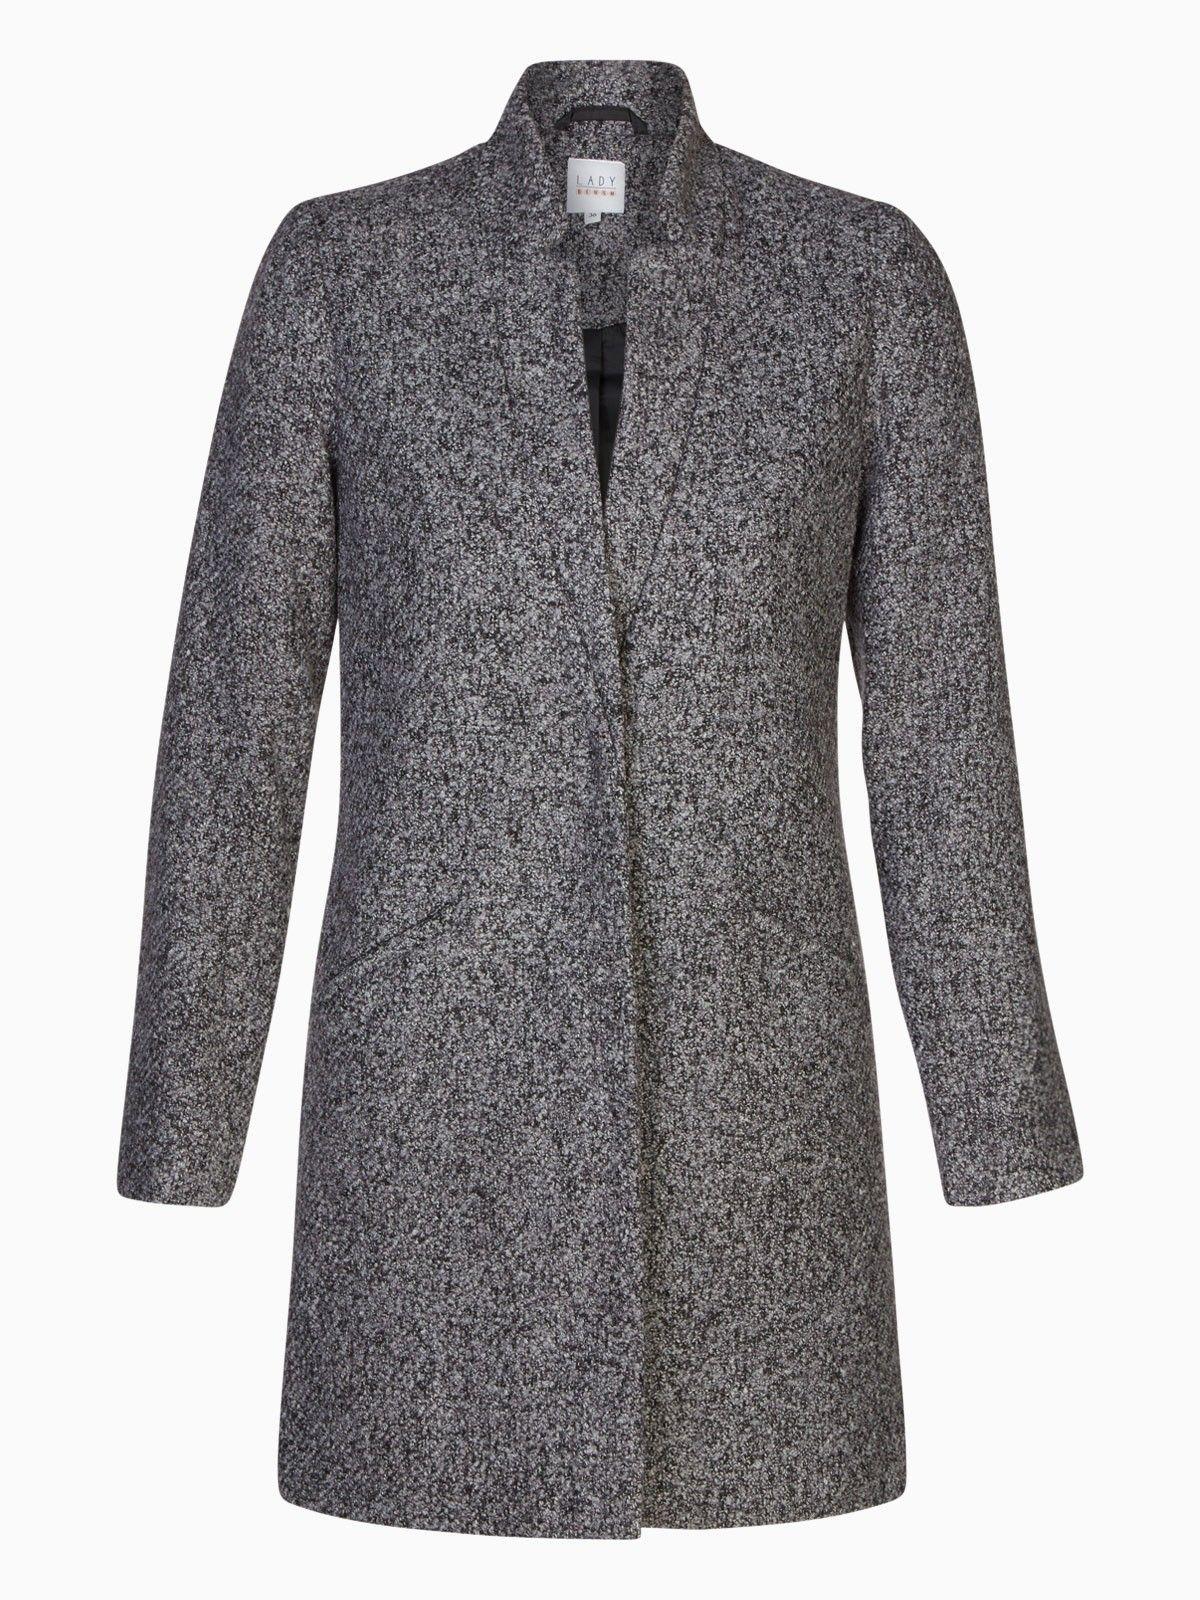 Manteau femme hiver 2018-2019   50 manteaux pour femme à adopter cet ... ffa5053fa86